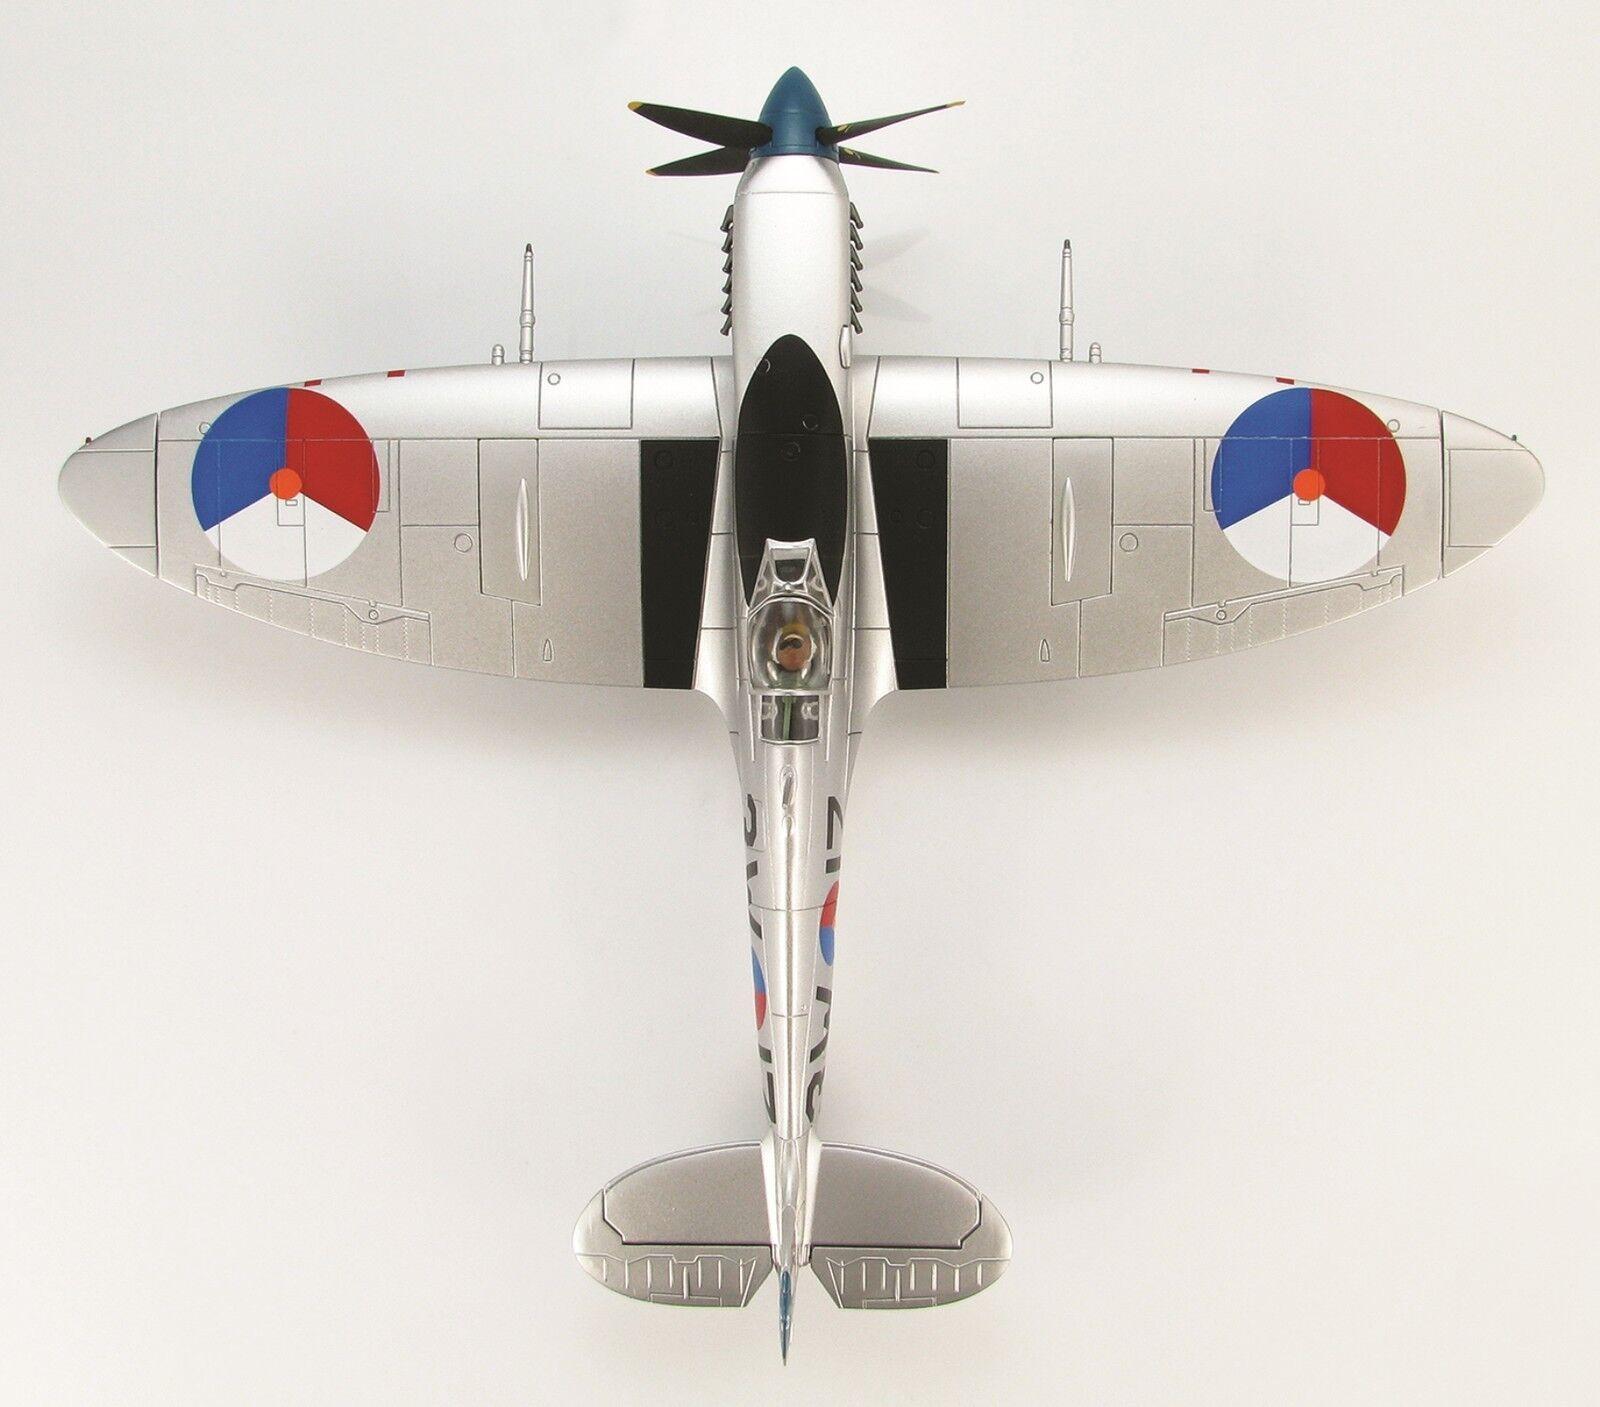 Hobby Master 1 48 Supermarine Spitfire Mk IX RNLAF 322nd Sqn, Netherlands HA8308